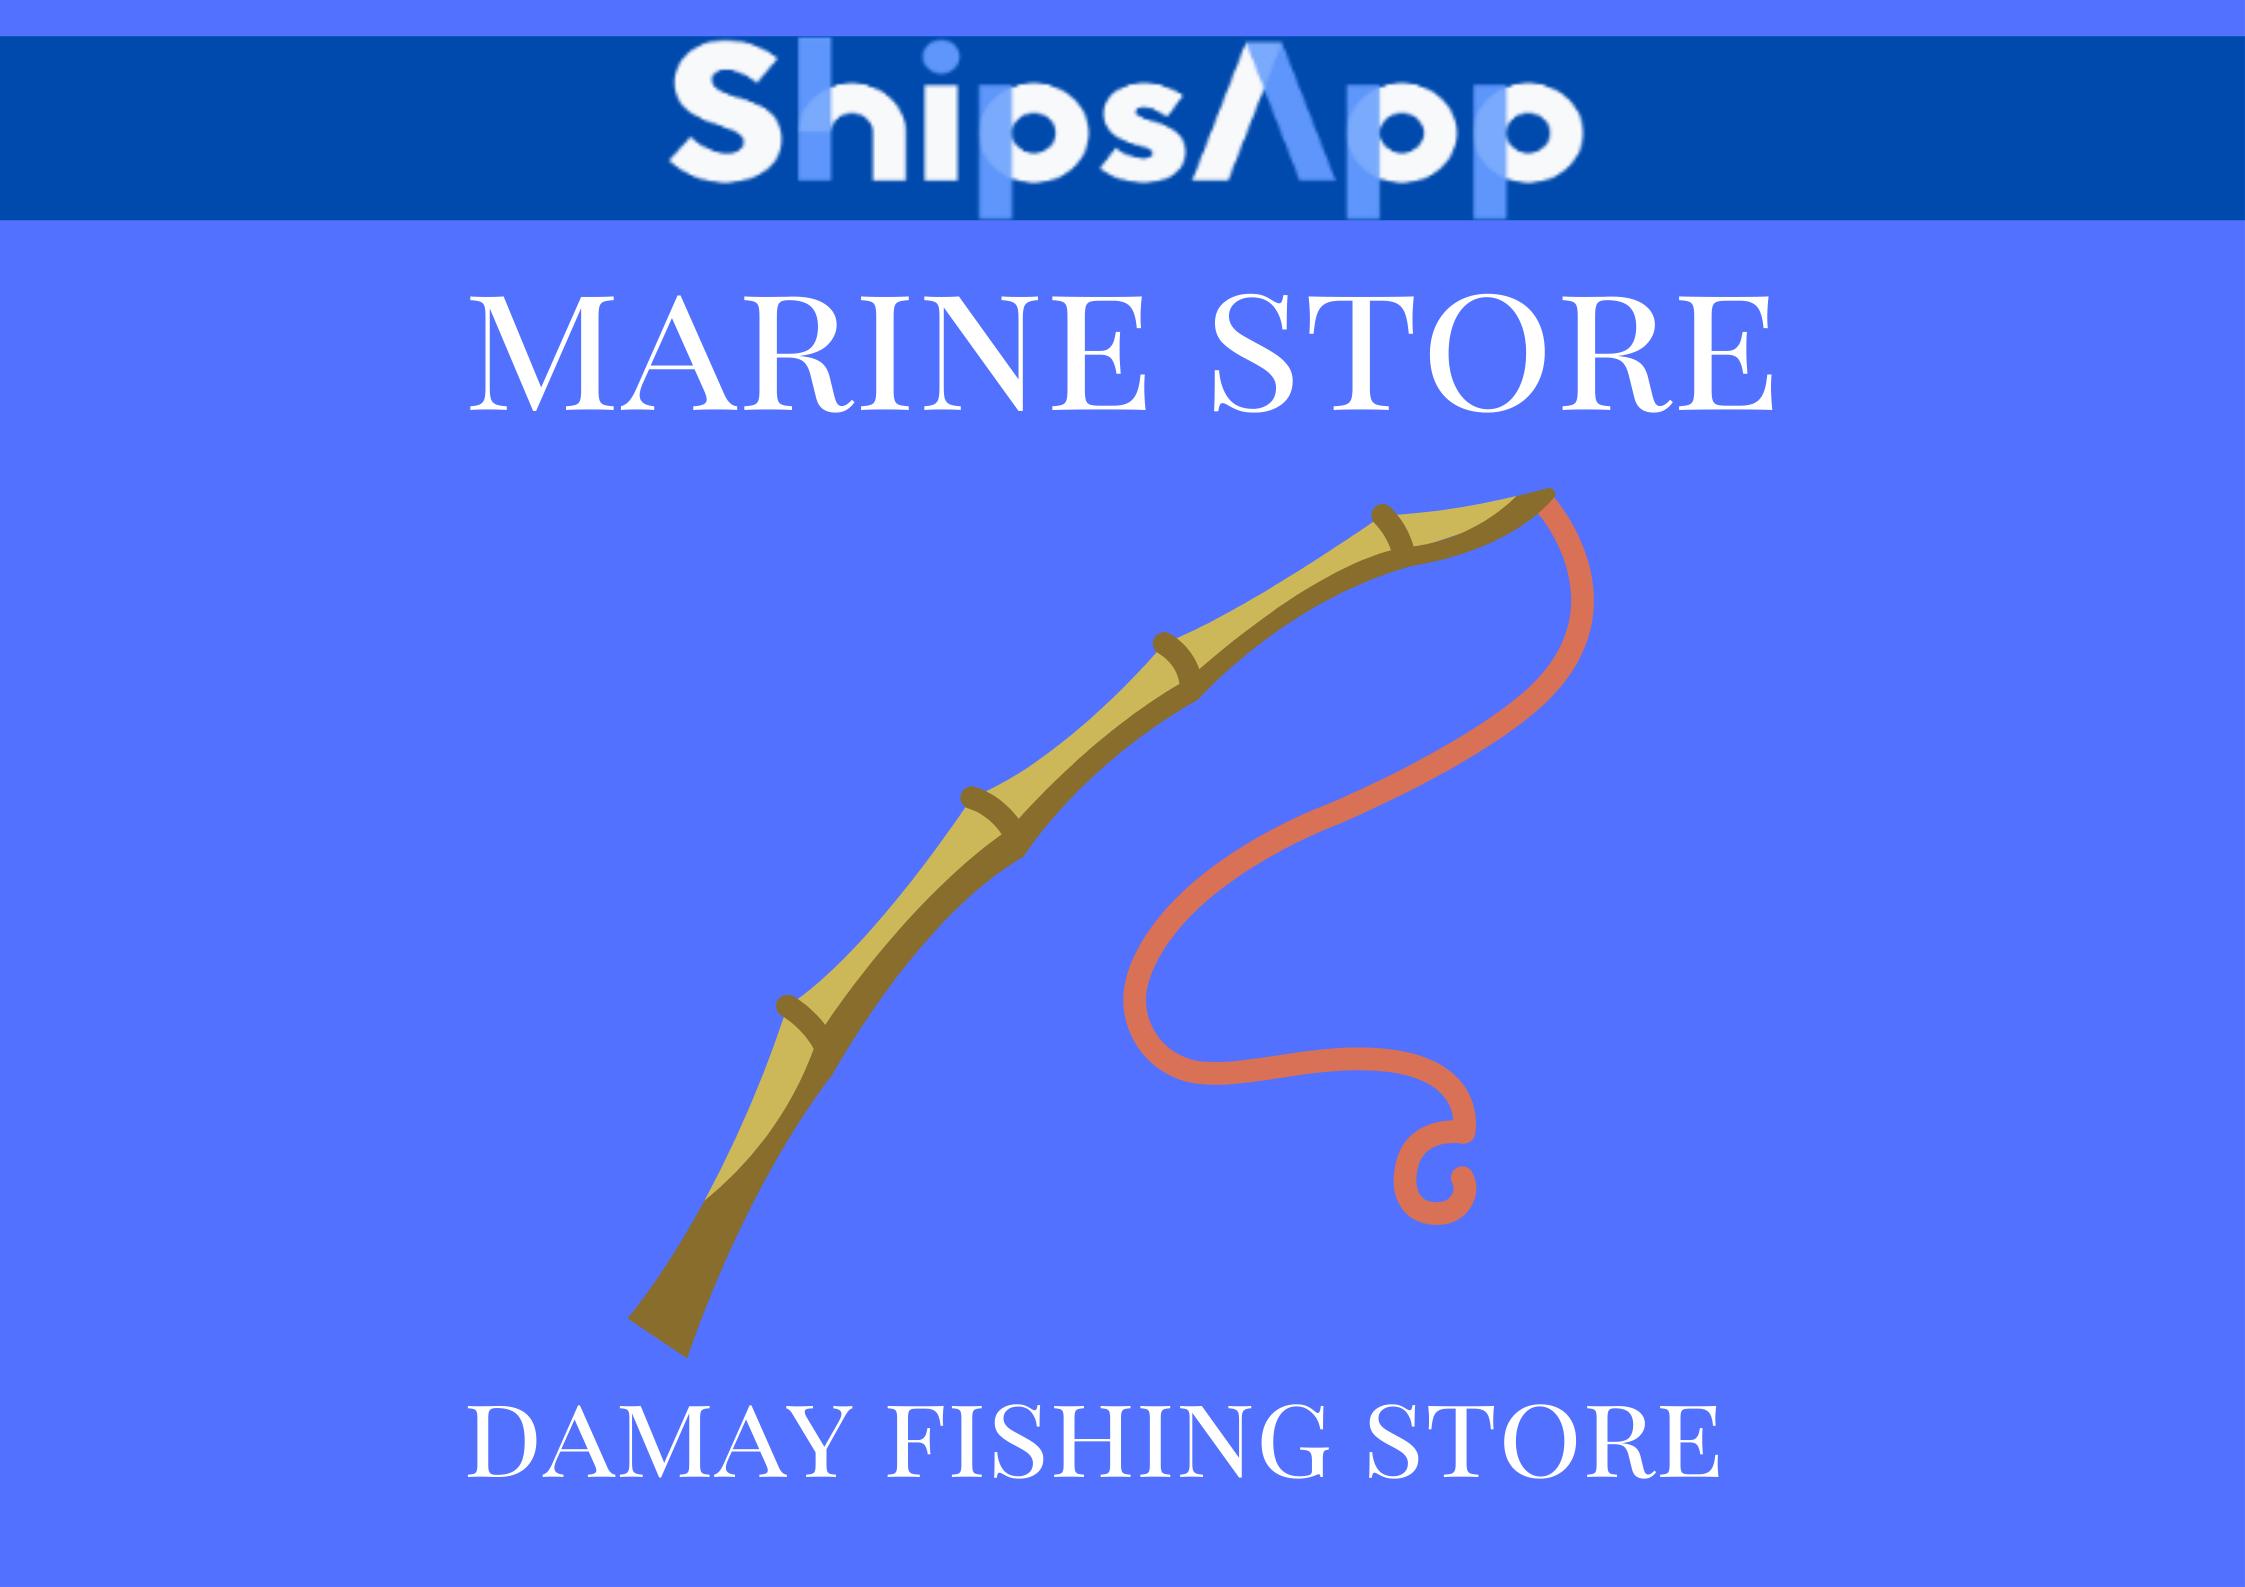 Marine Store Damay Fising